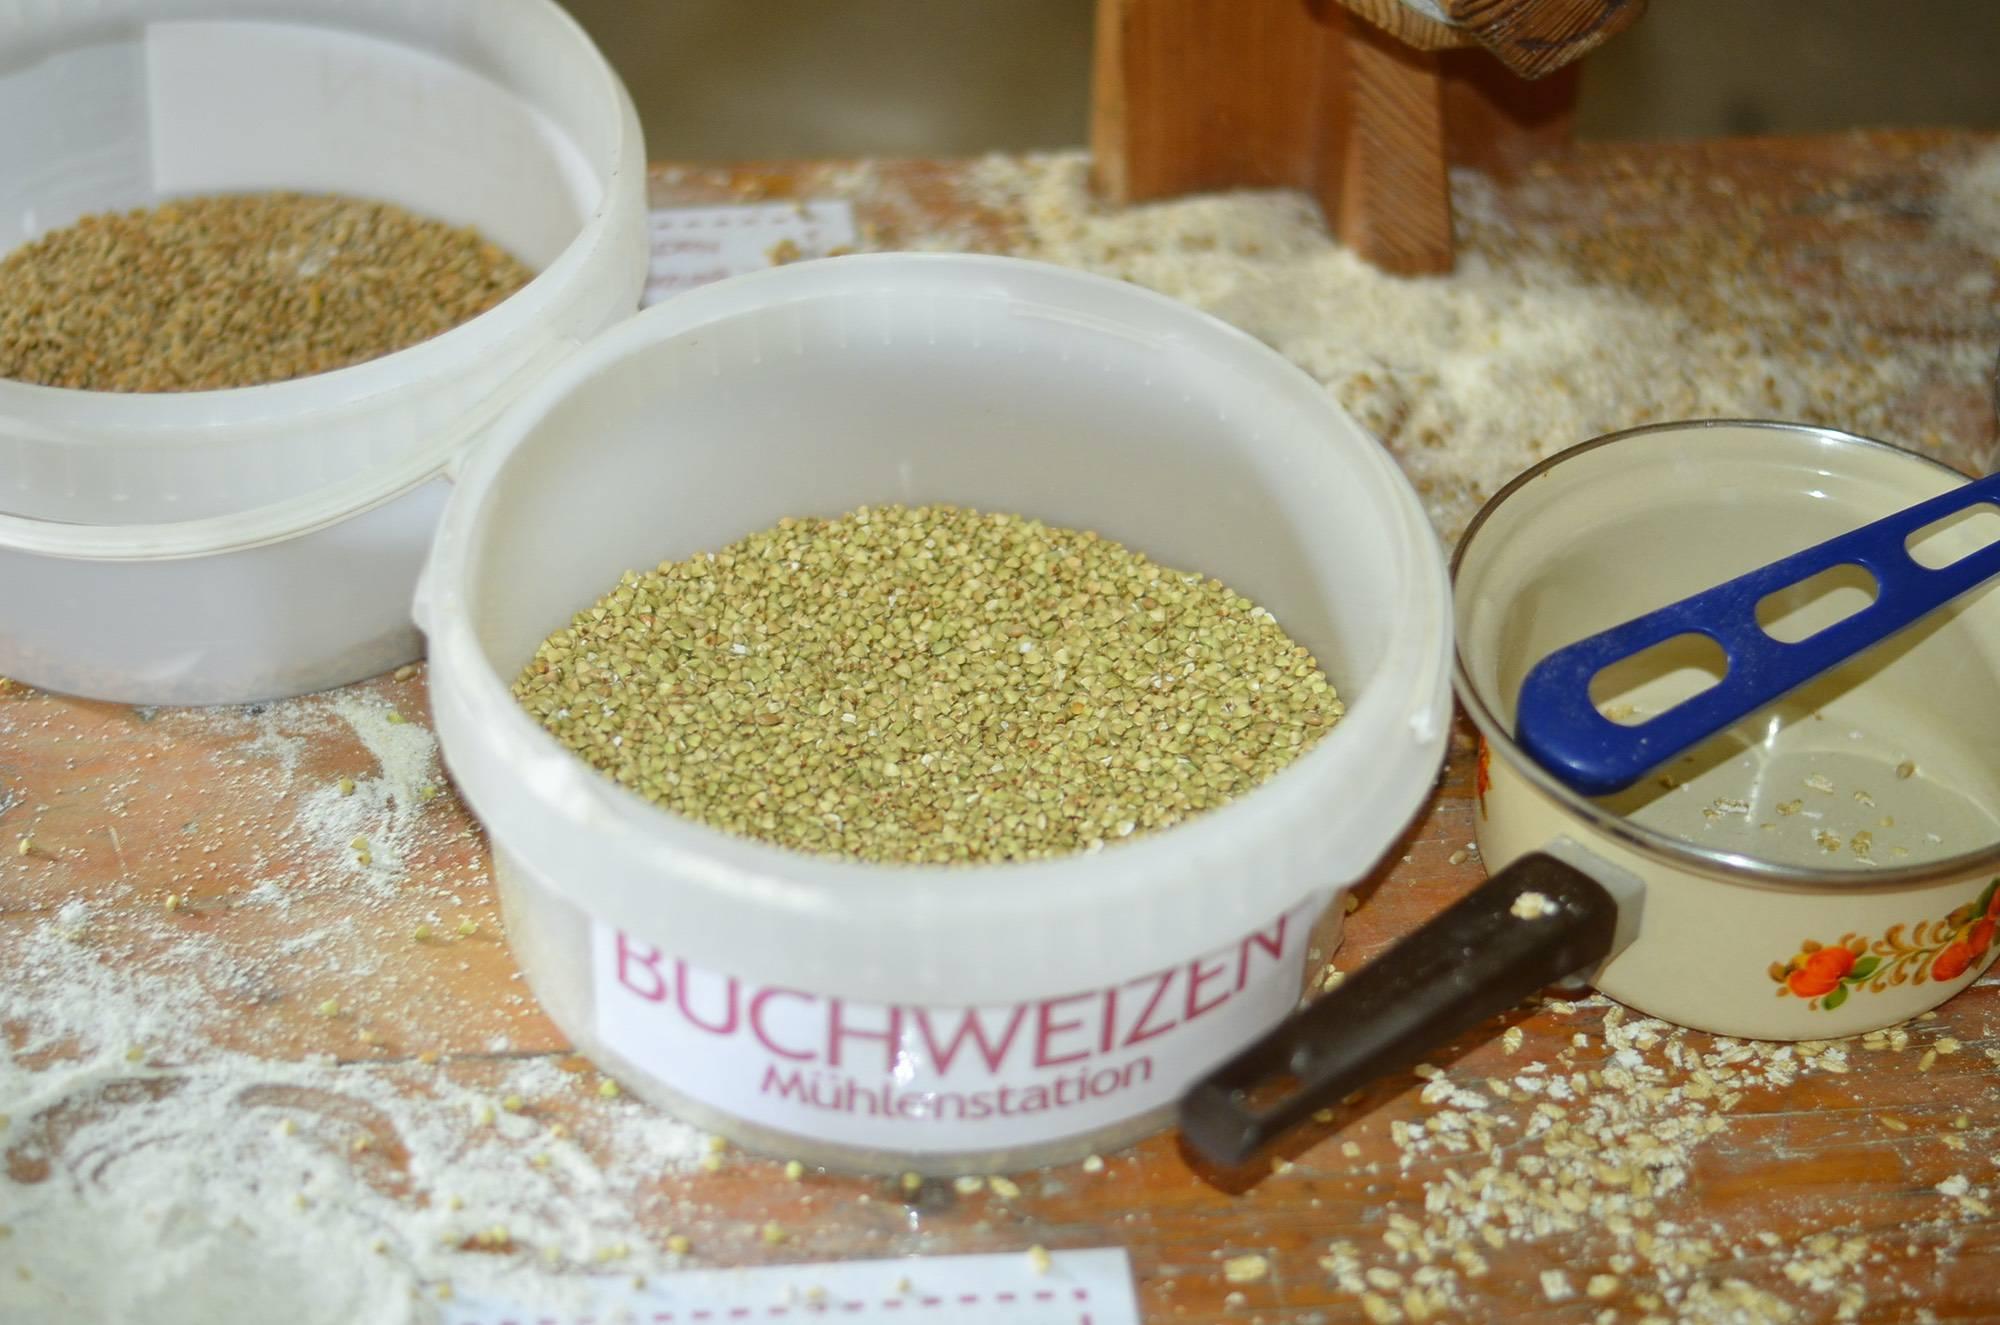 bio-ranch-landurlaub-landerleben-bioerlebnistag-04